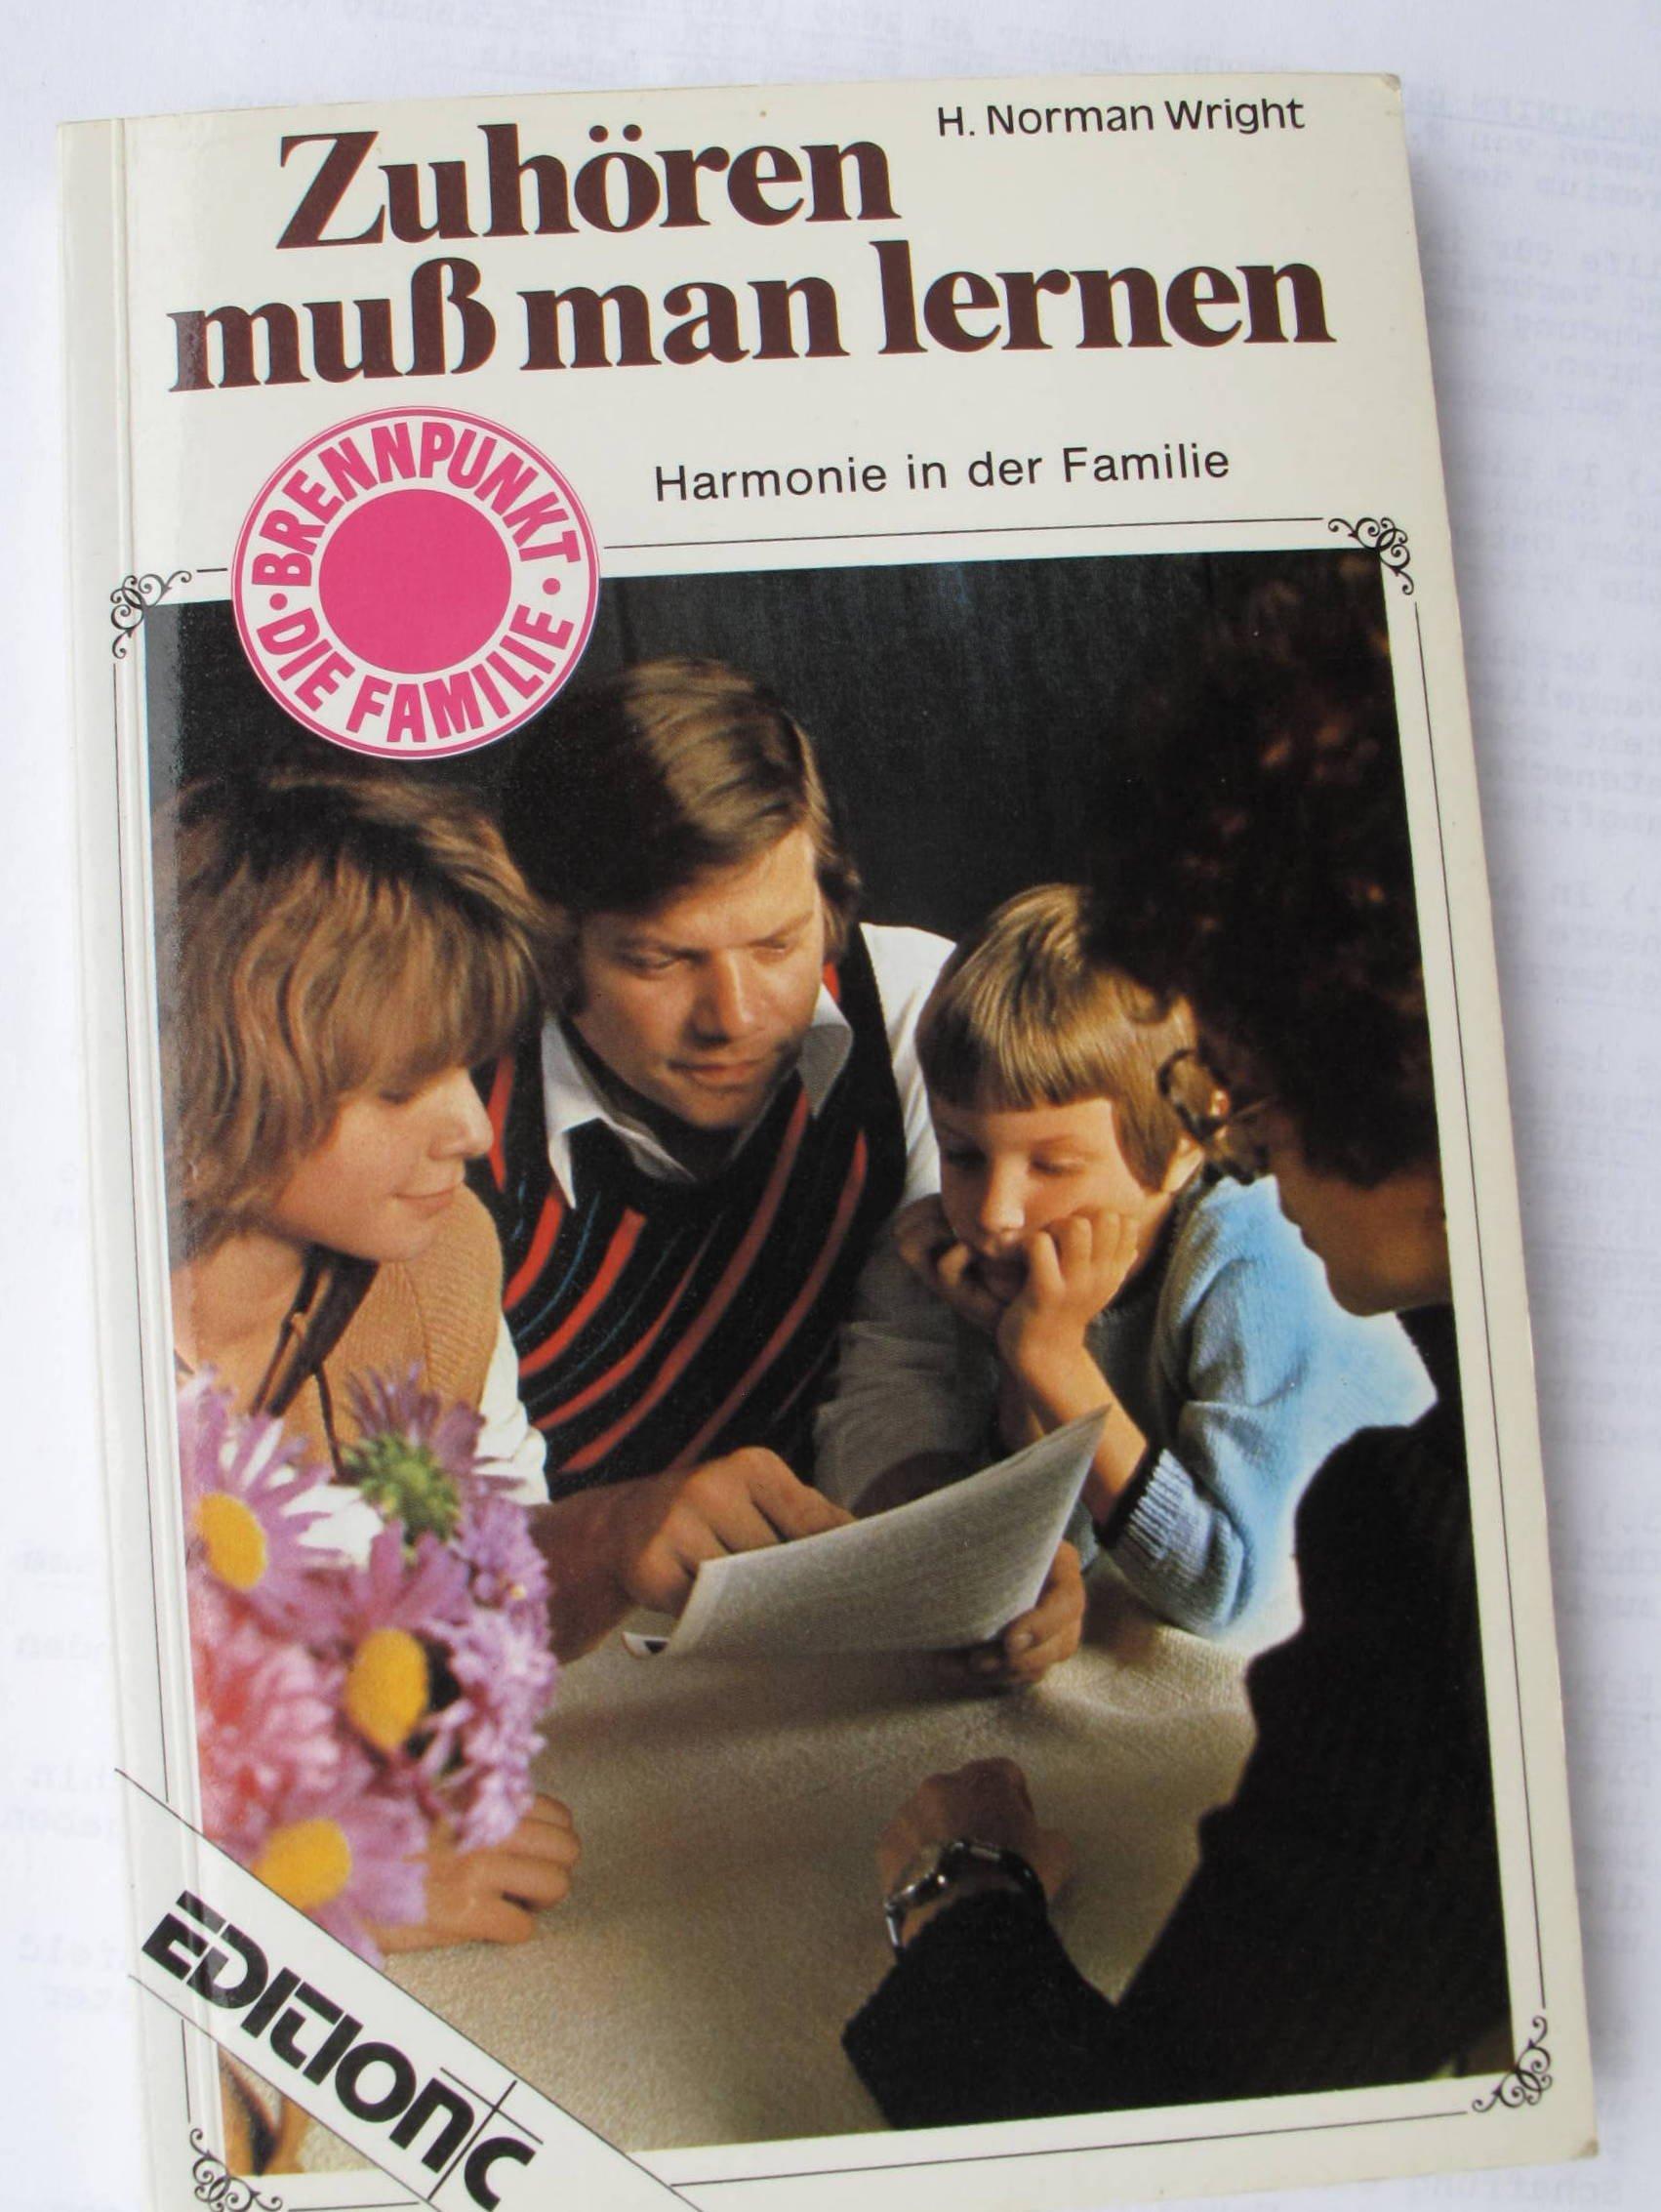 zuhren-muss-man-lernen-harmonie-in-der-familie